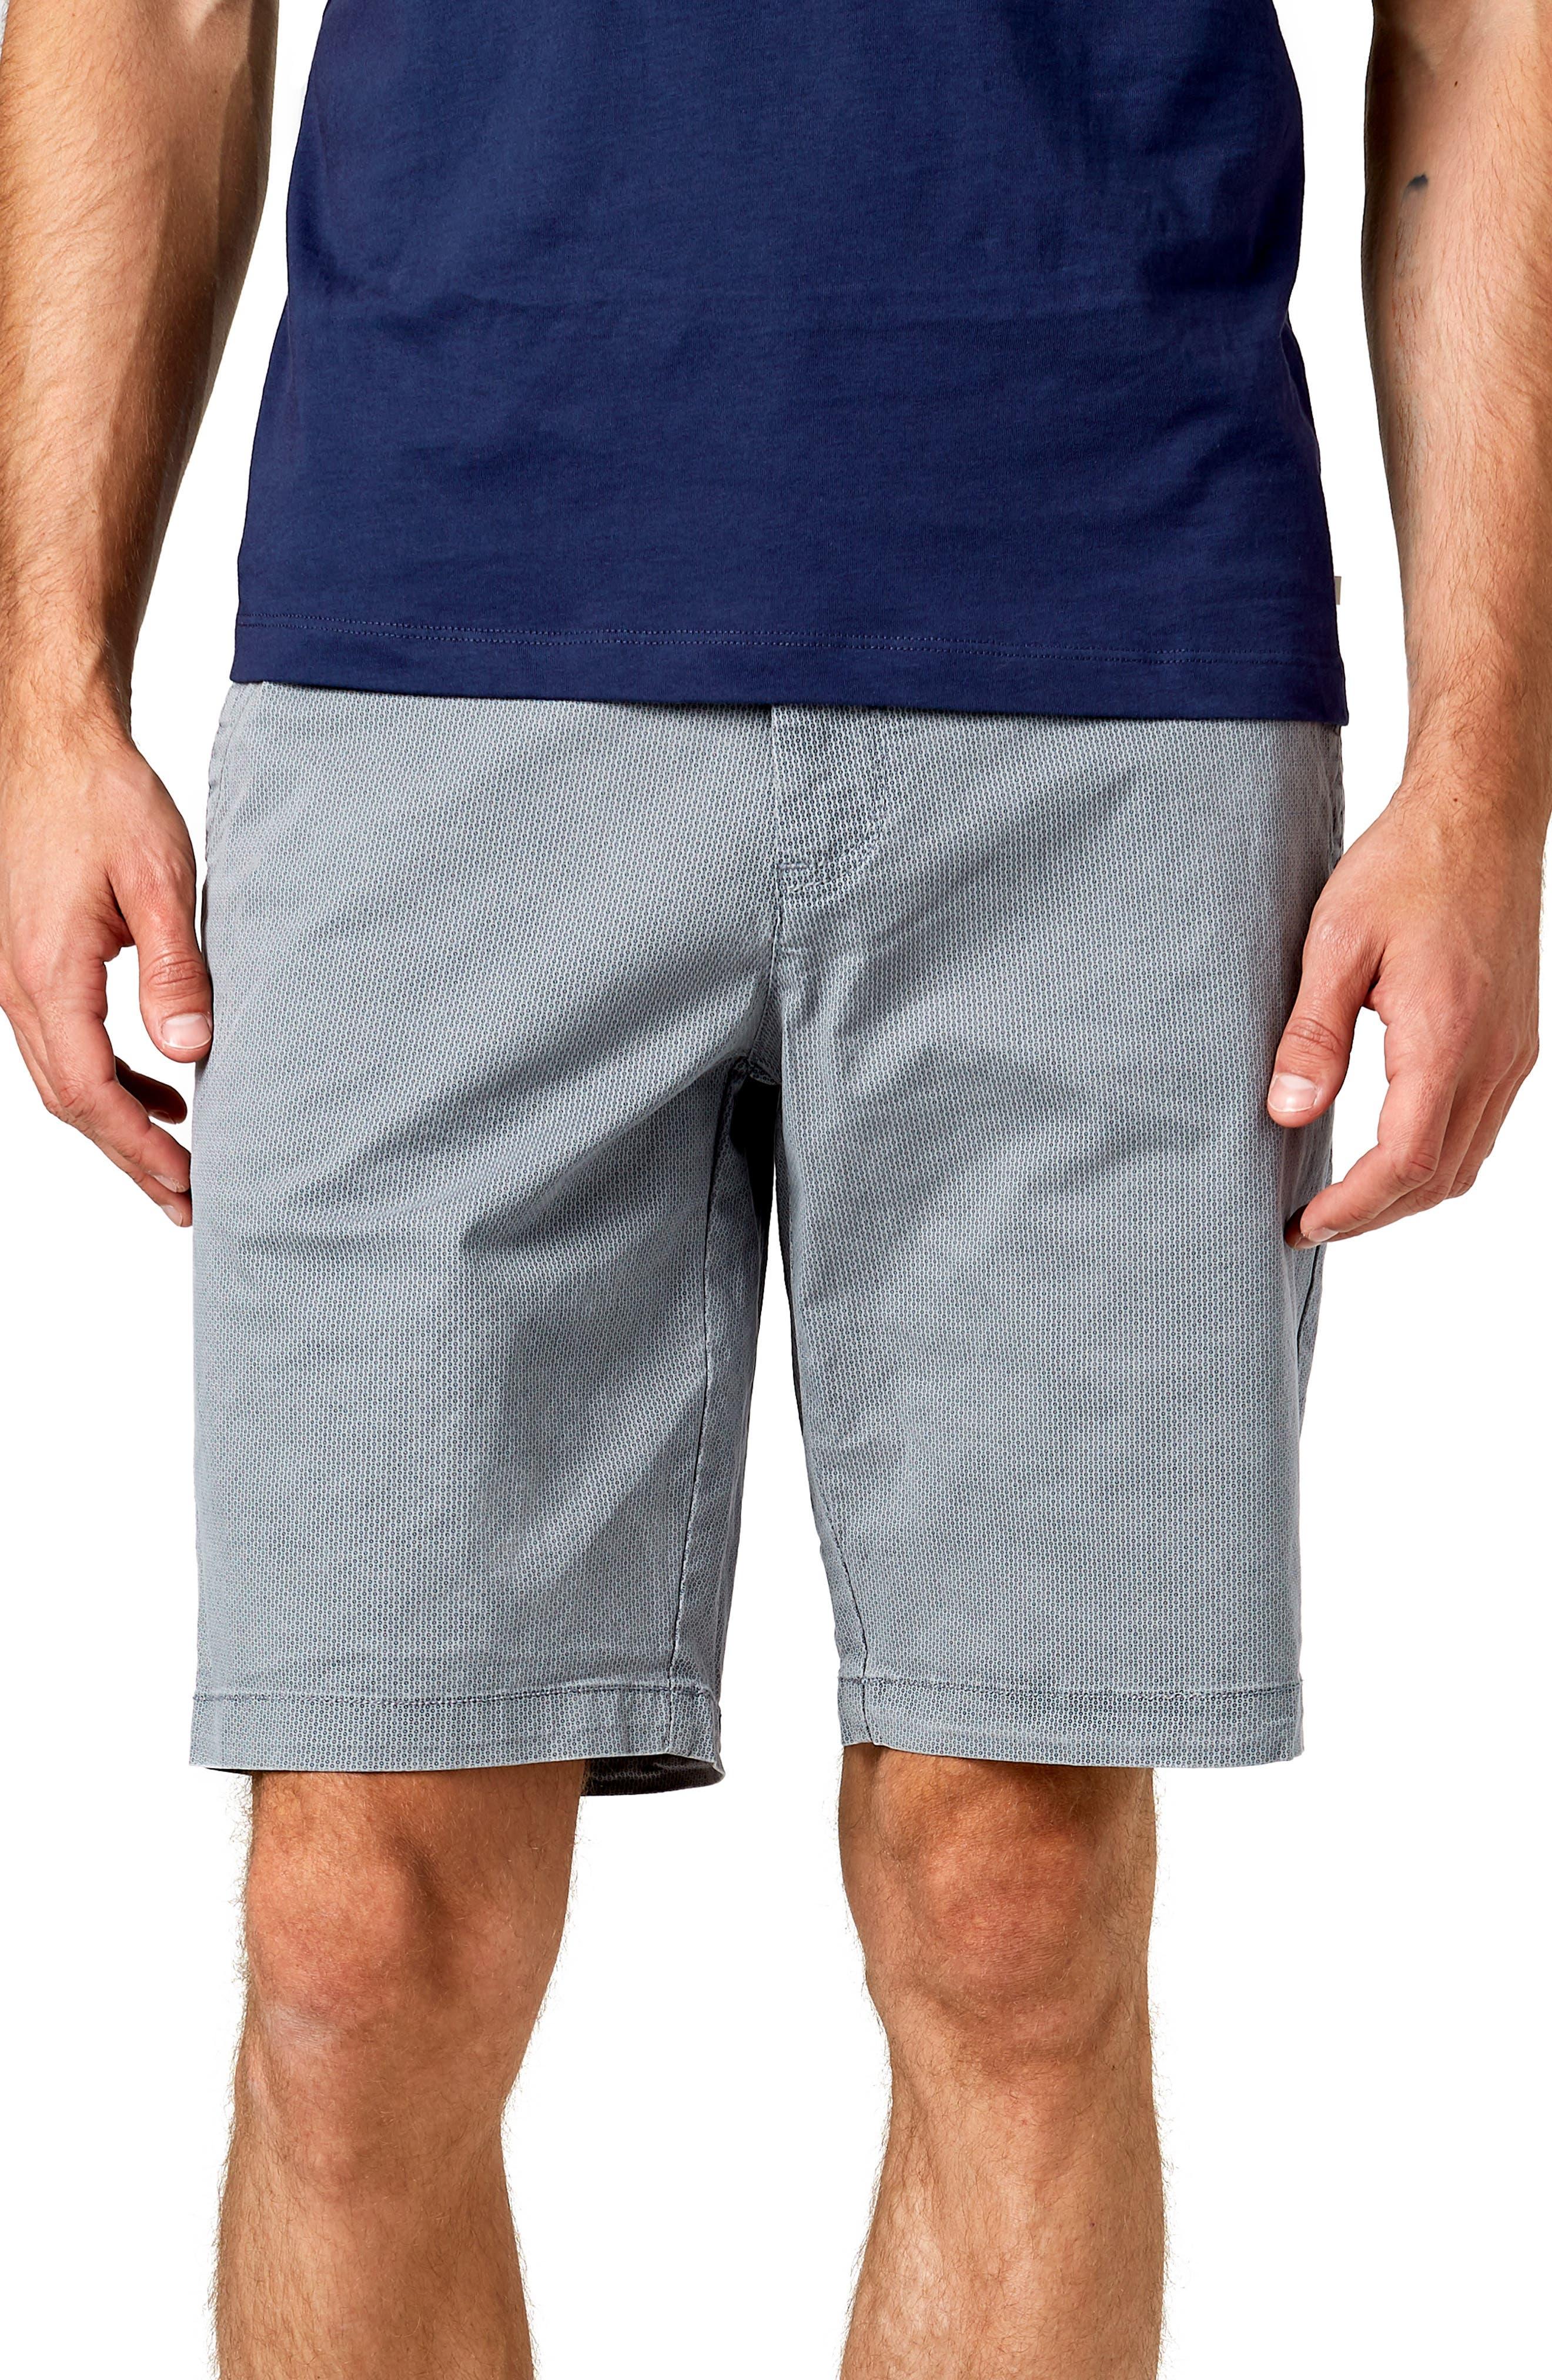 Acceleration Print Shorts,                             Main thumbnail 1, color,                             GREY